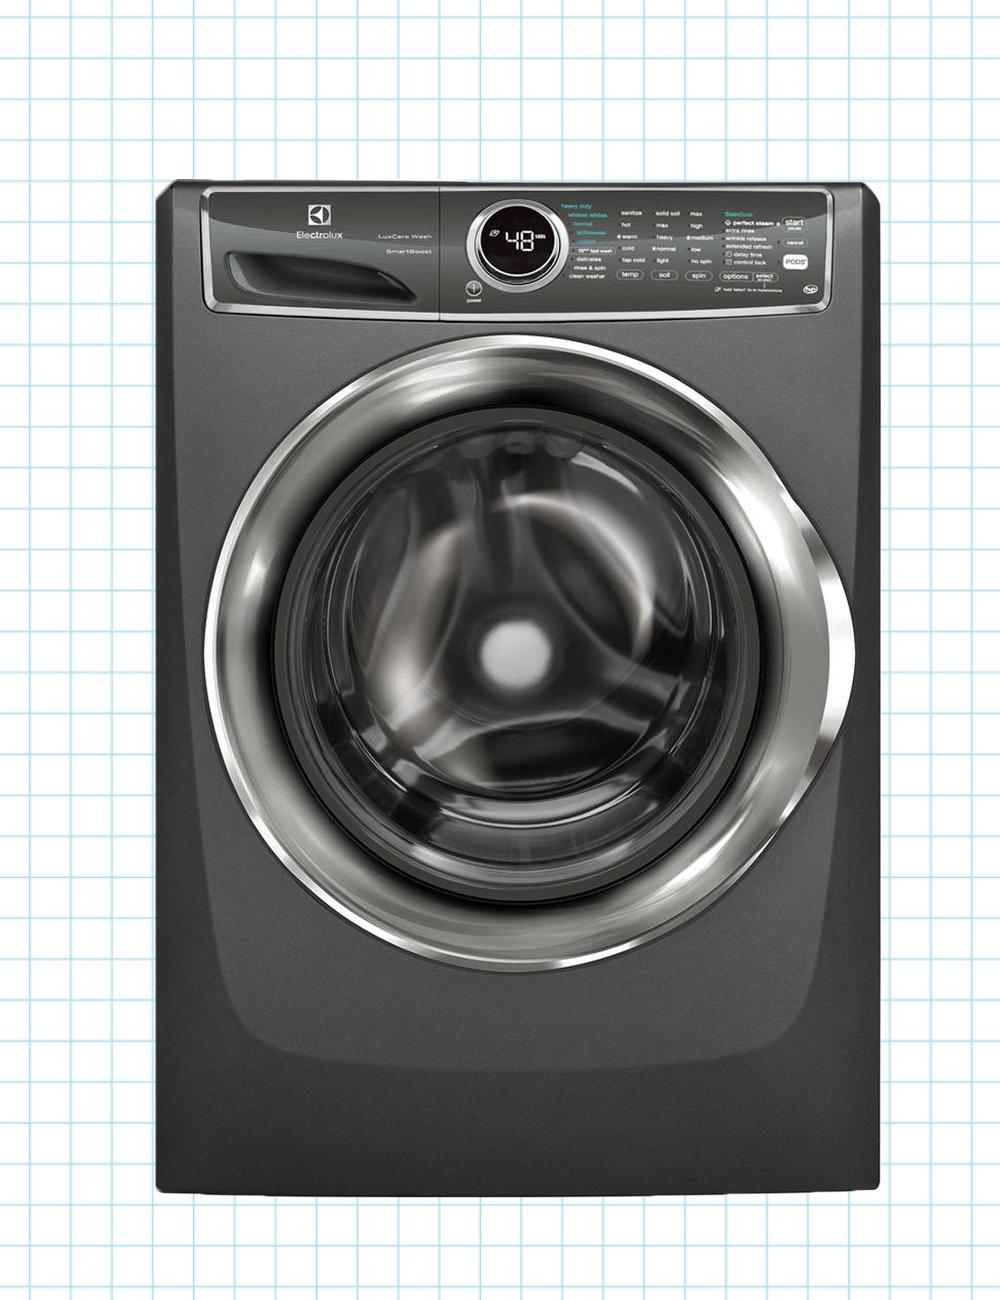 消毒能力:波轮与滚筒洗衣机差距大但可以信赖